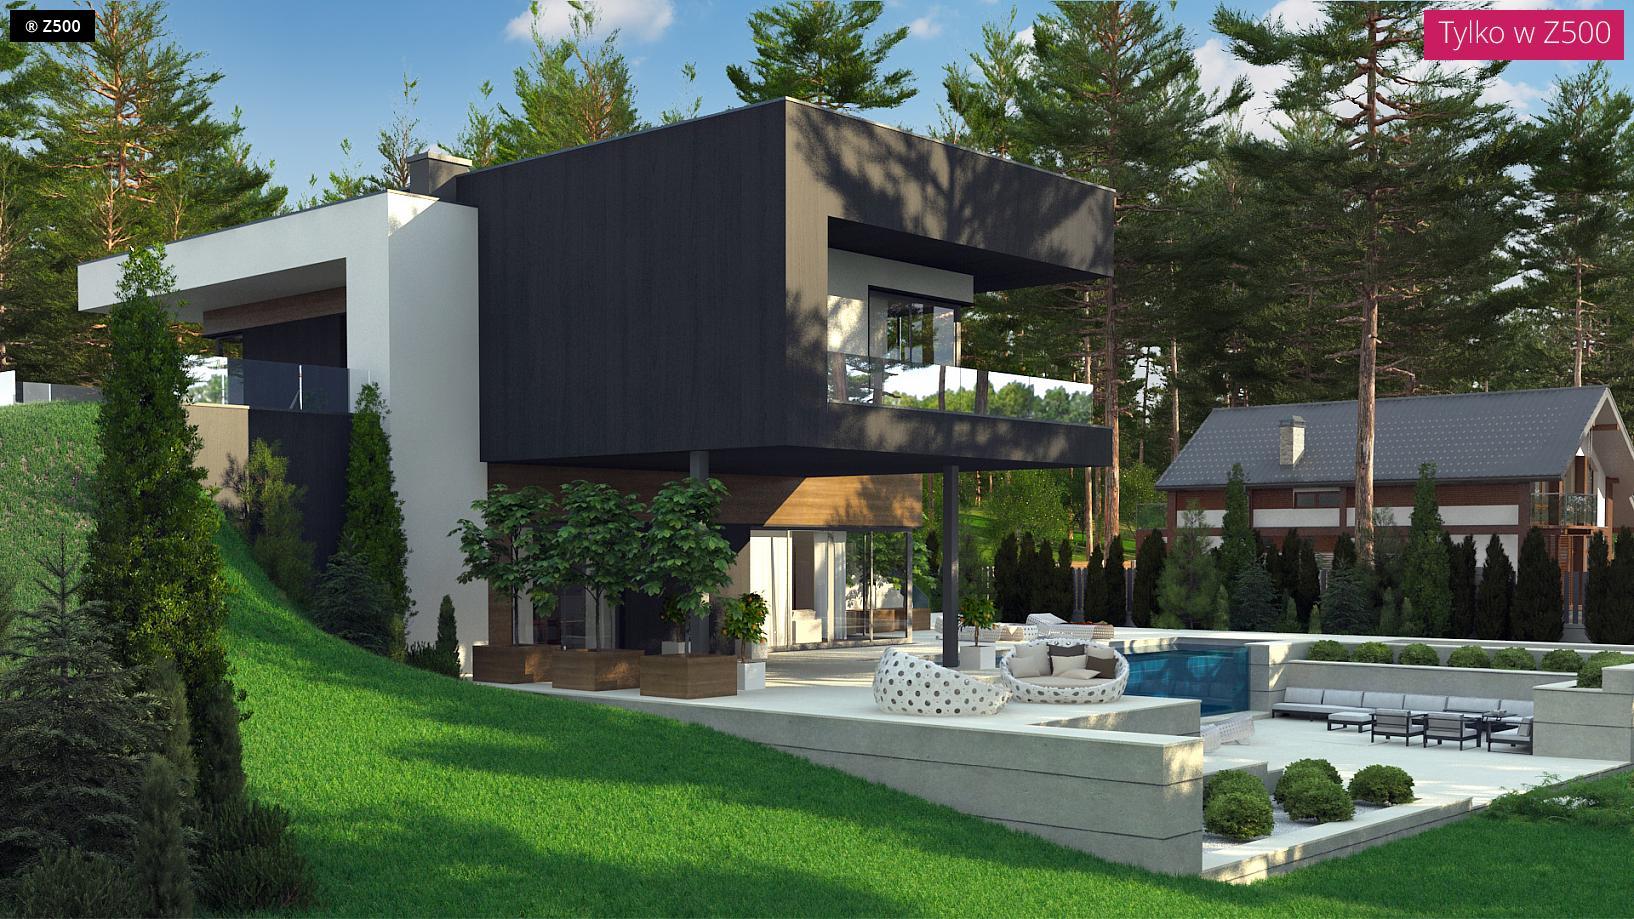 Proyectos de casas casa coru a de dise o moderna - Casas en a coruna ...